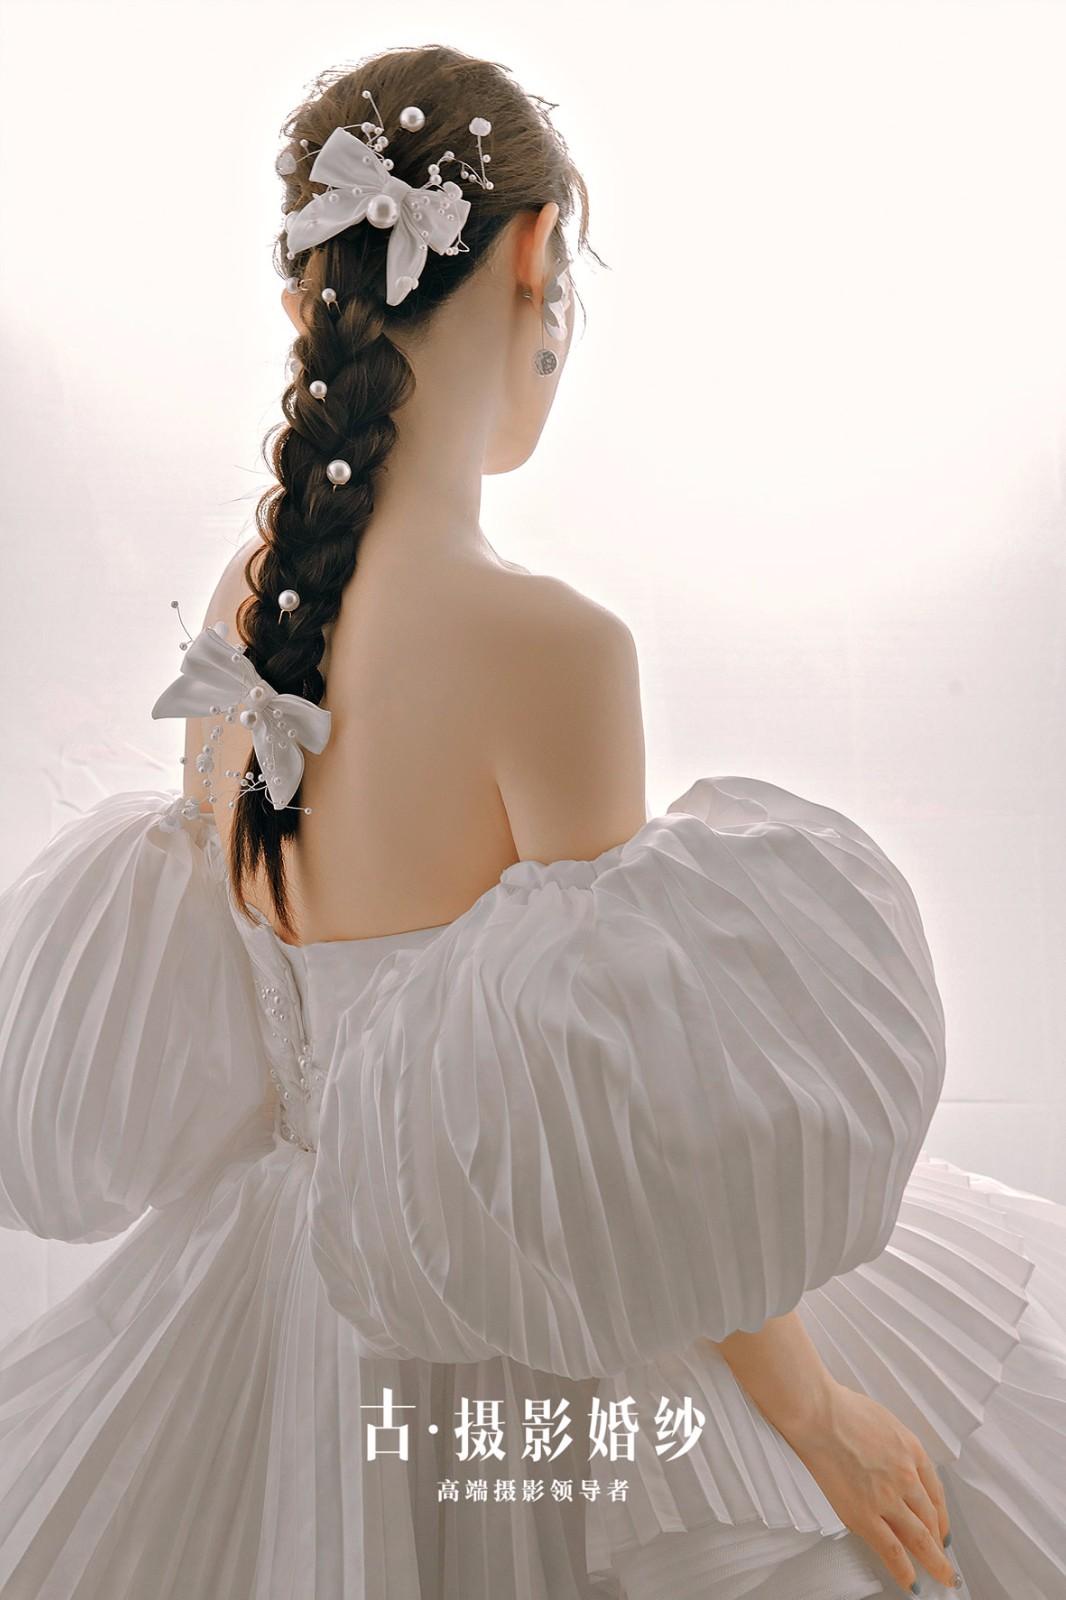 纯白盛夏 - 明星范 - 古摄影婚纱艺术-古摄影成都婚纱摄影艺术摄影网